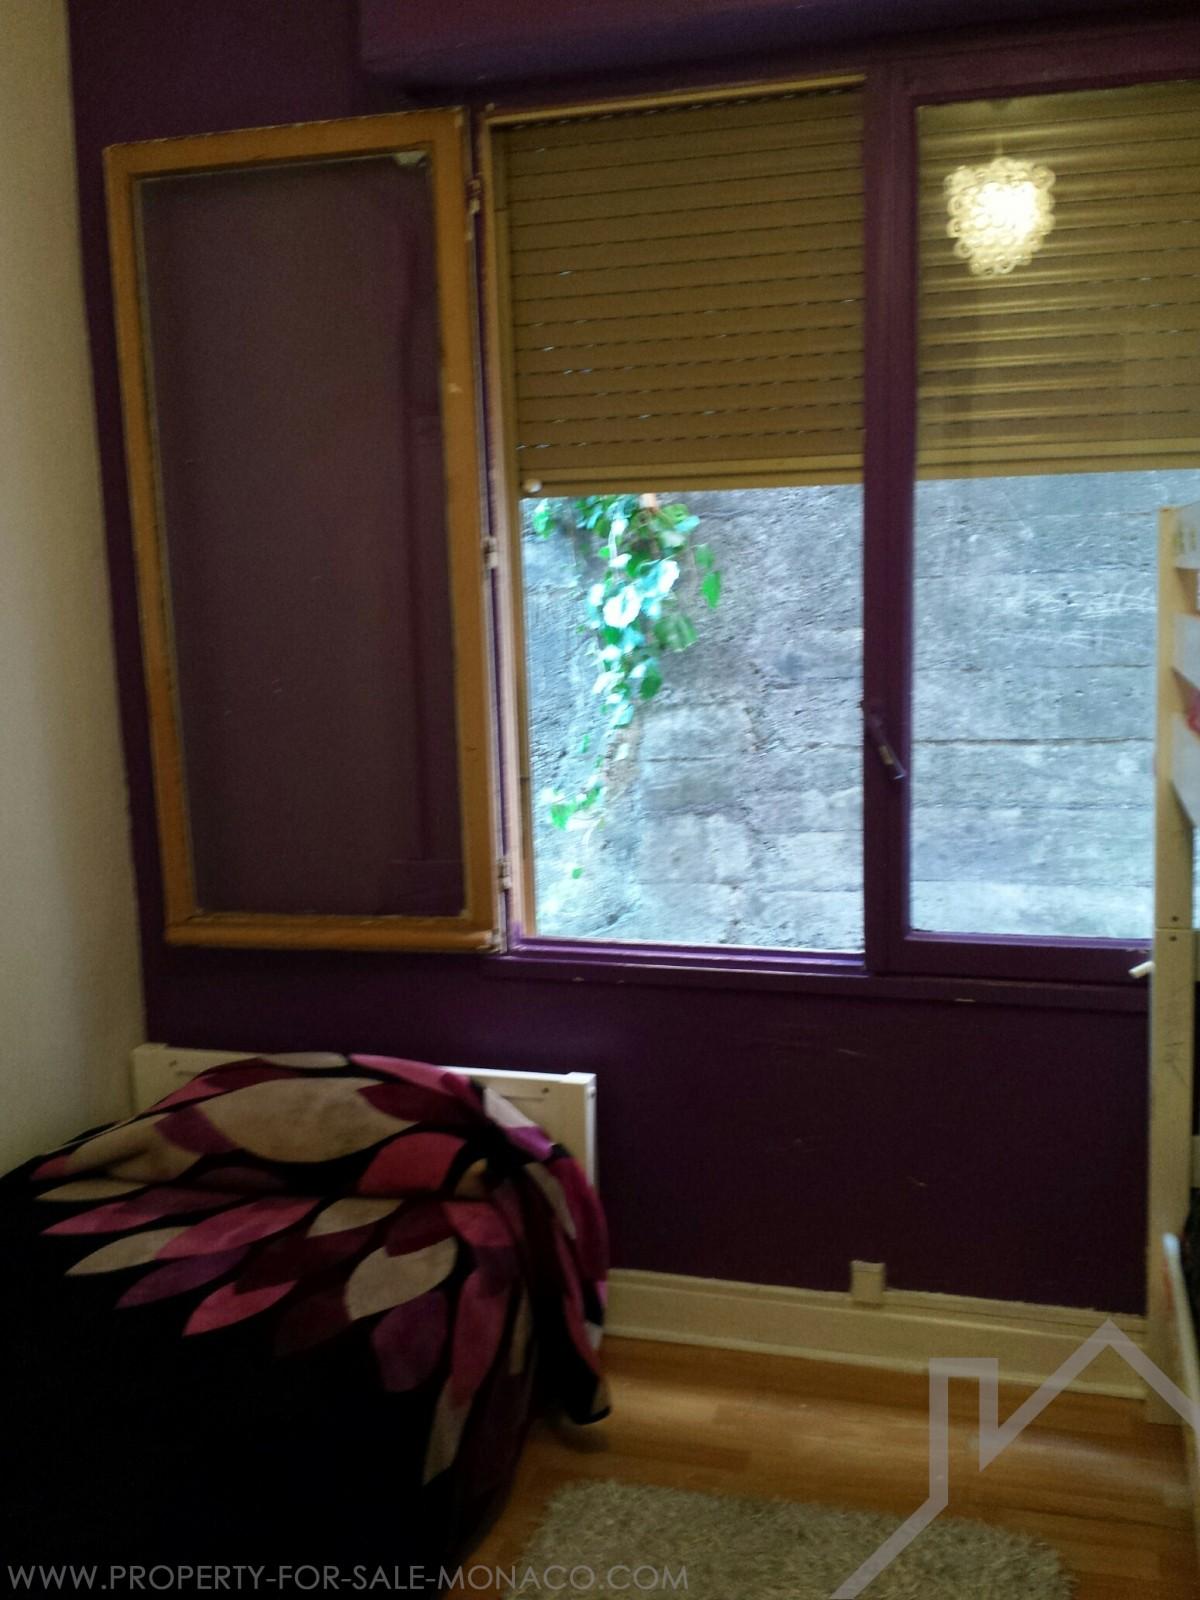 Inzernia 2 camera appartamento piccolo residence for Soggiorno a montecarlo